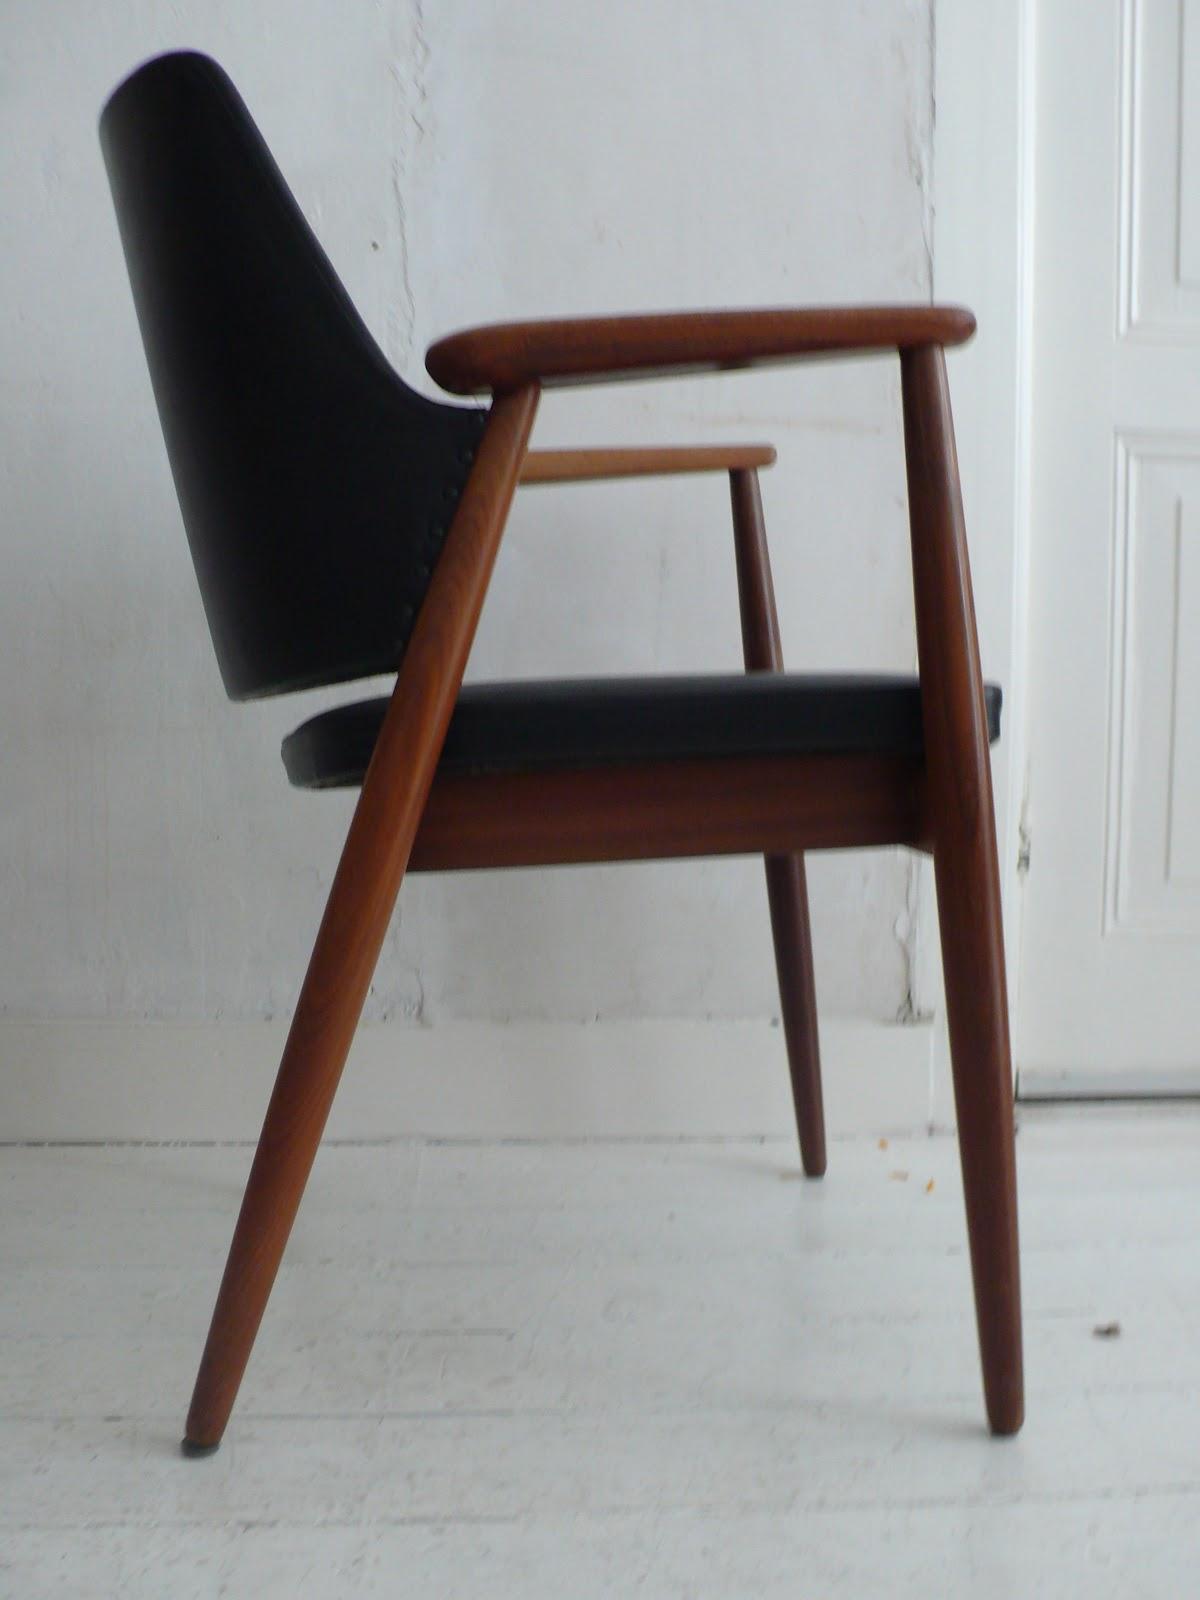 Victors Vintage Vondsten Teakhouten stoel met zwarte skai